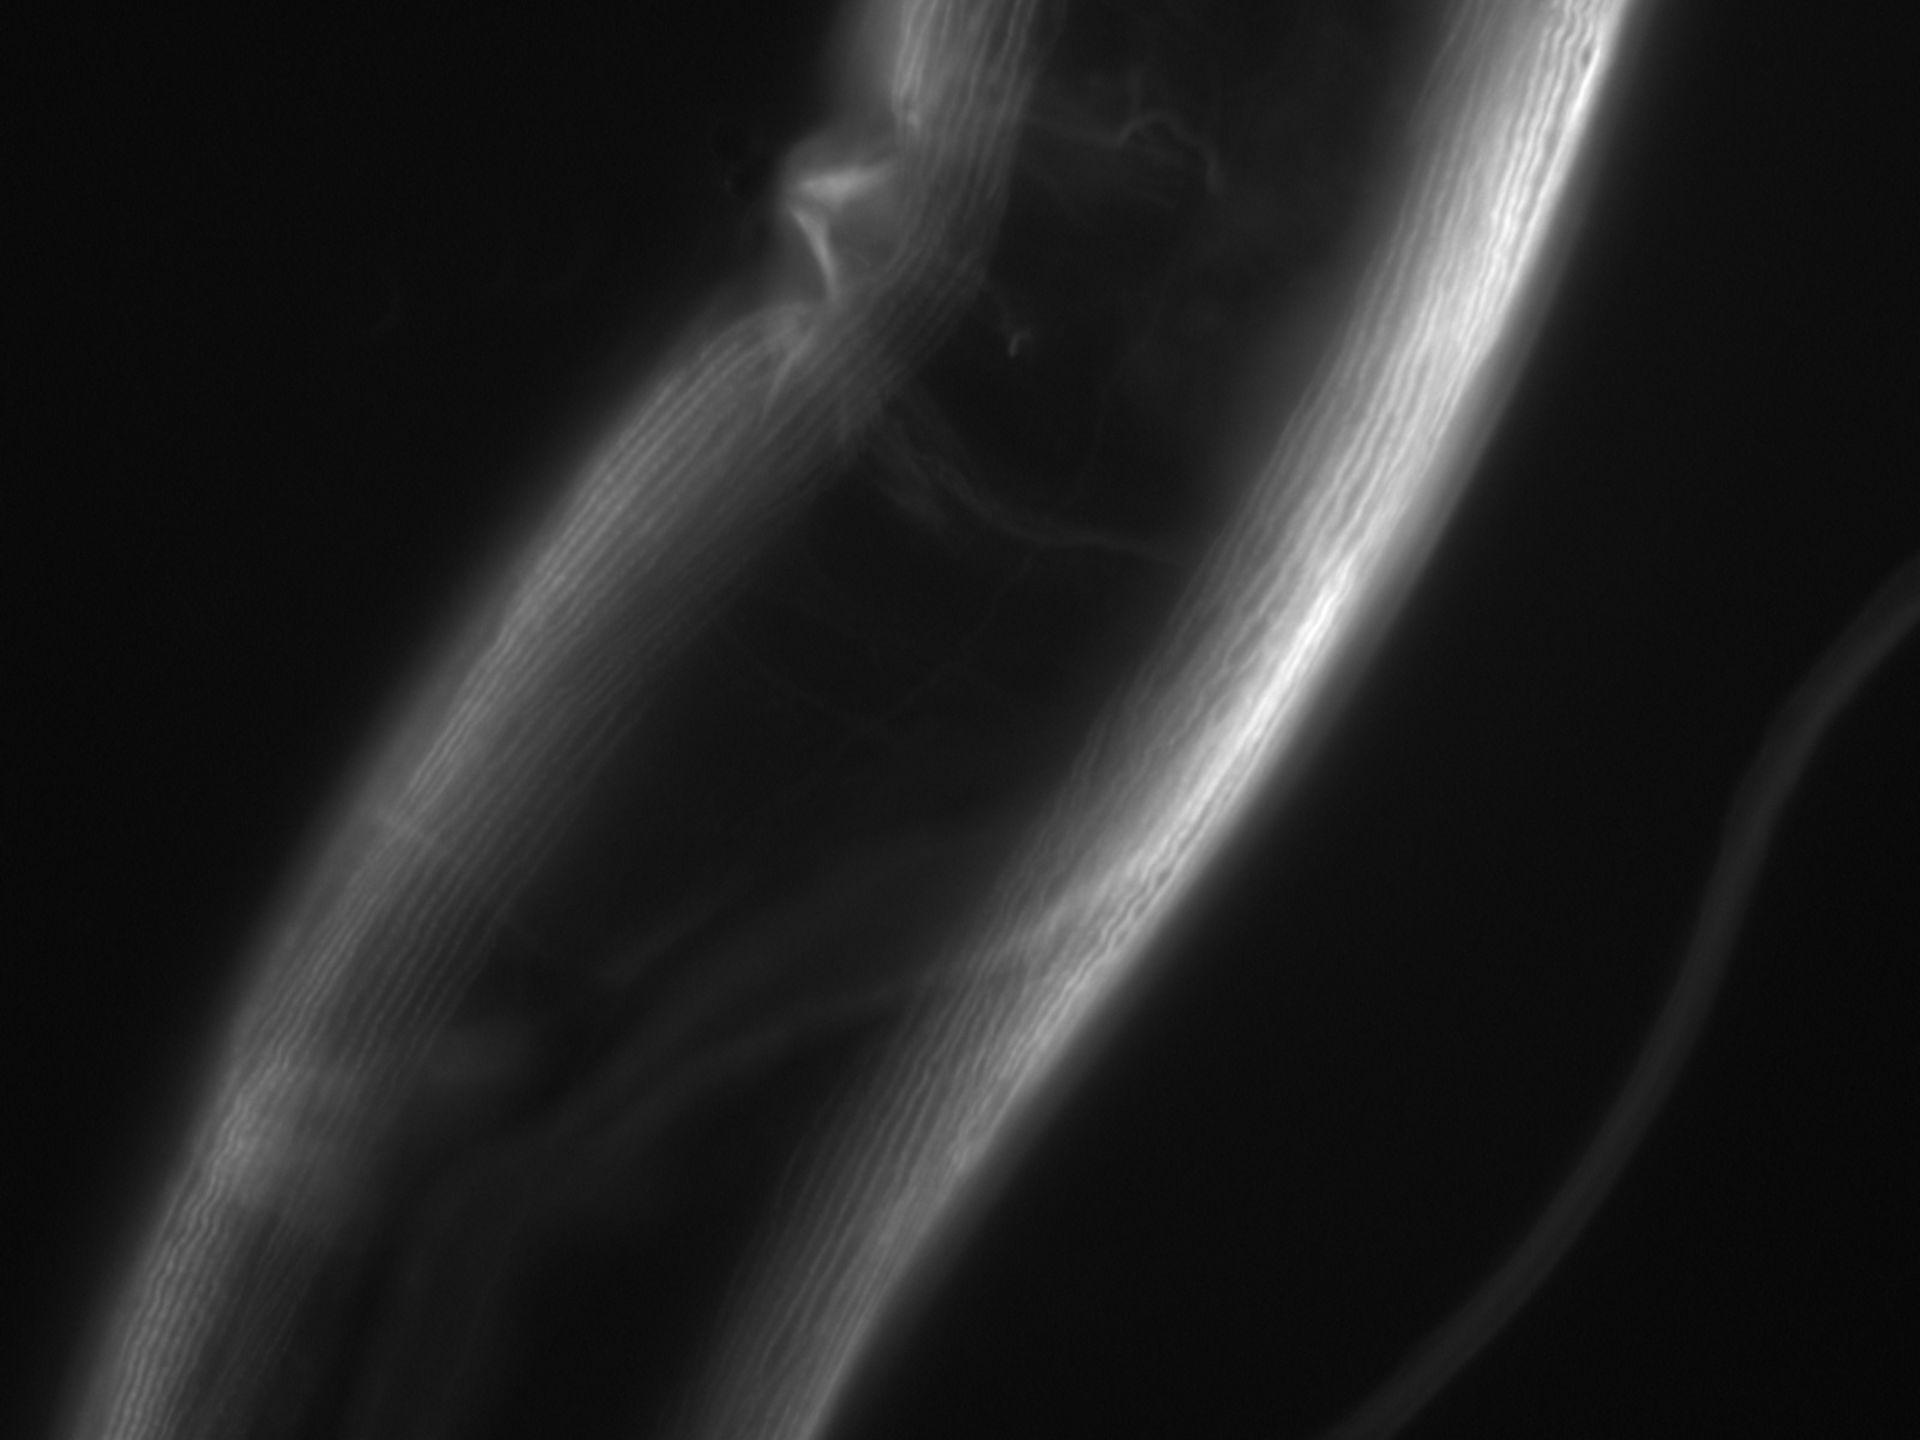 Caenorhabditis elegans (Actin filament) - CIL:1063